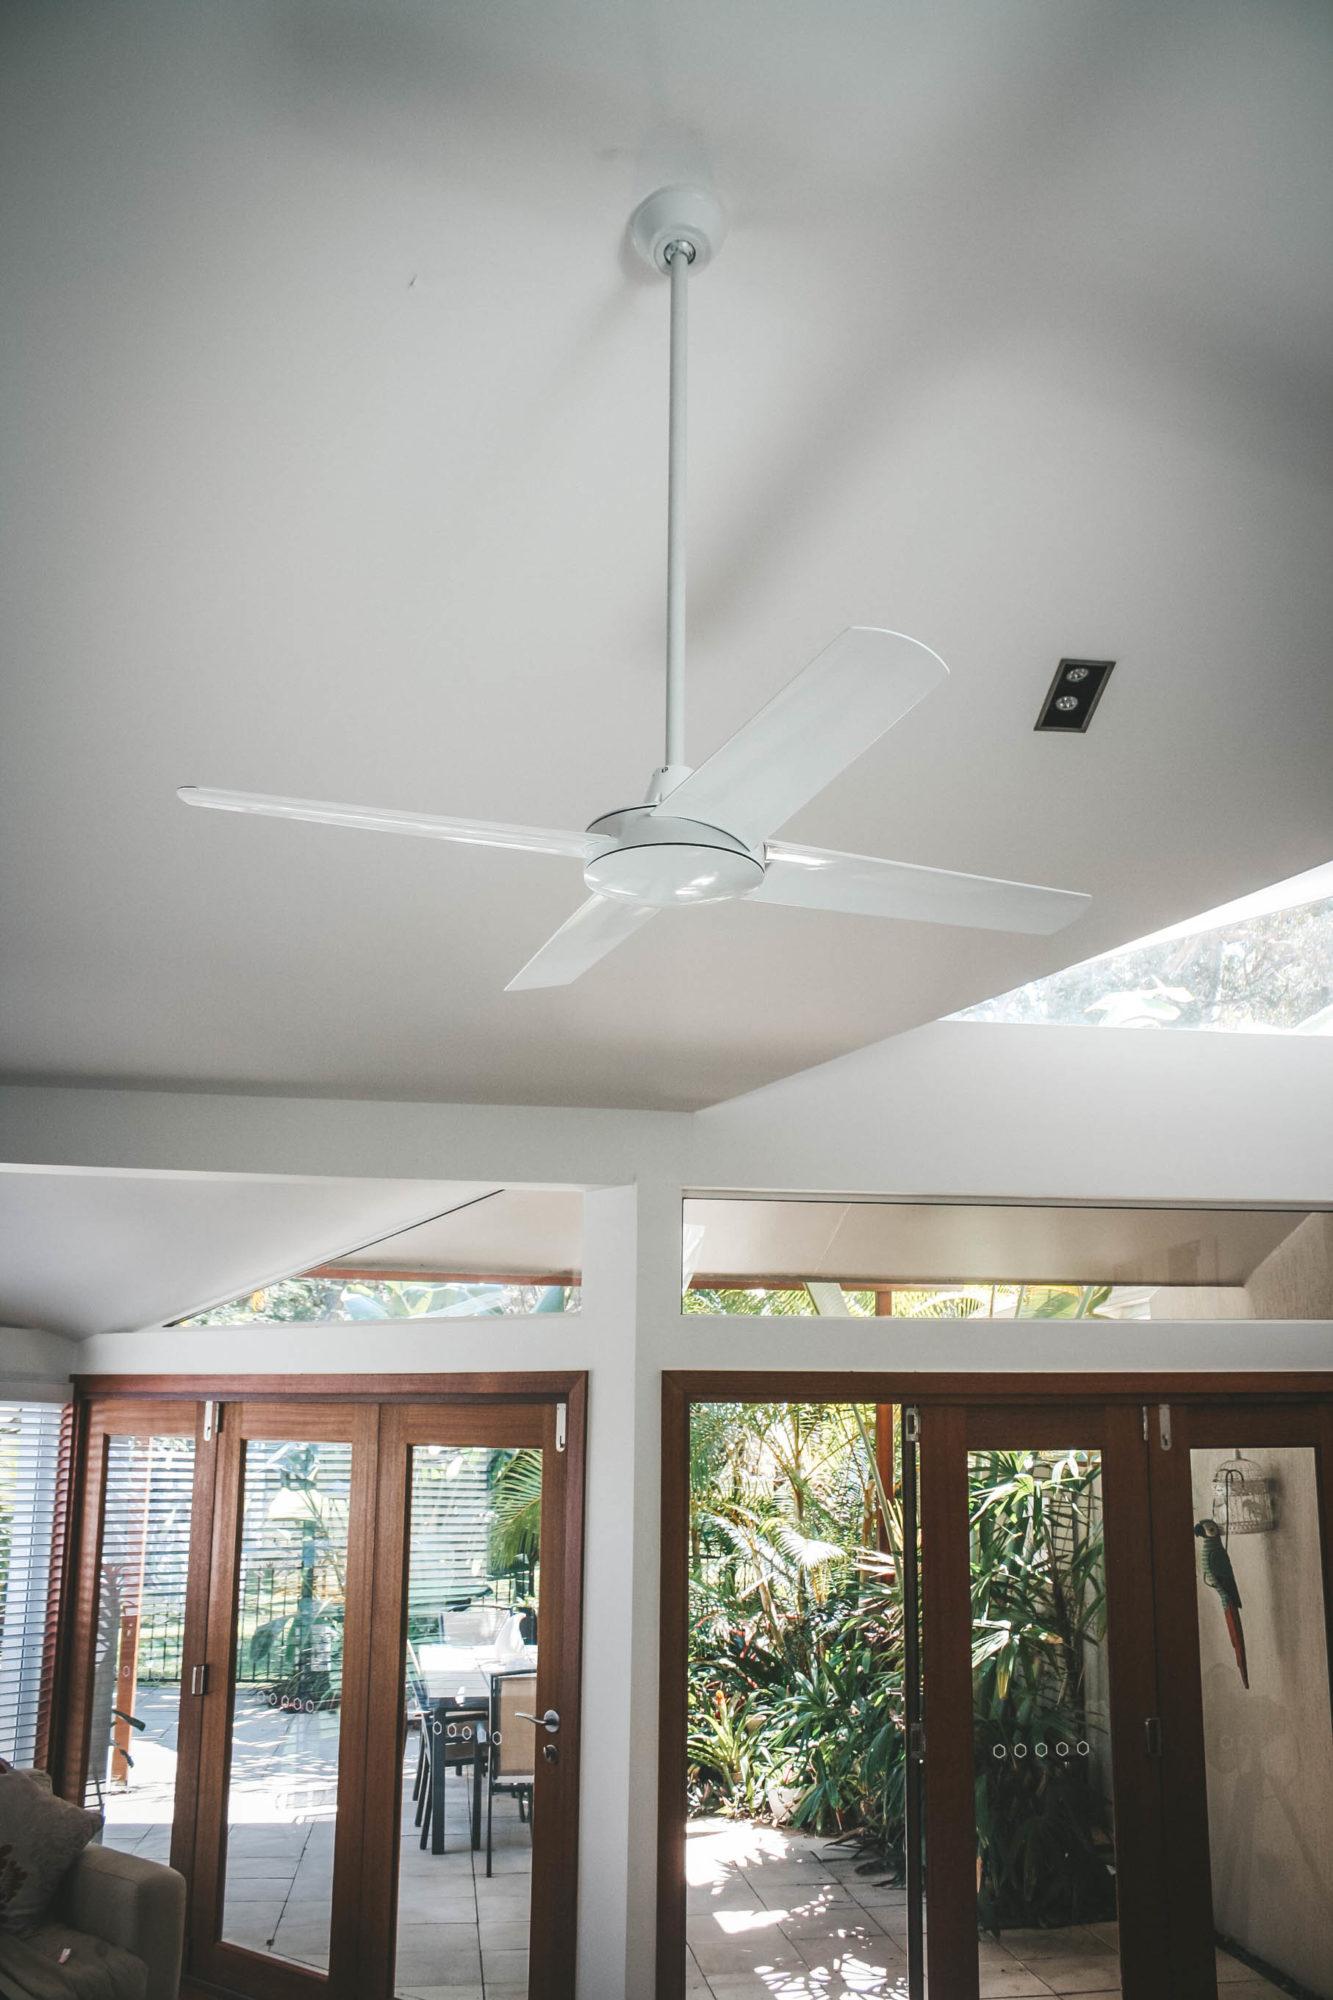 Aspire Ceiling Fan 5